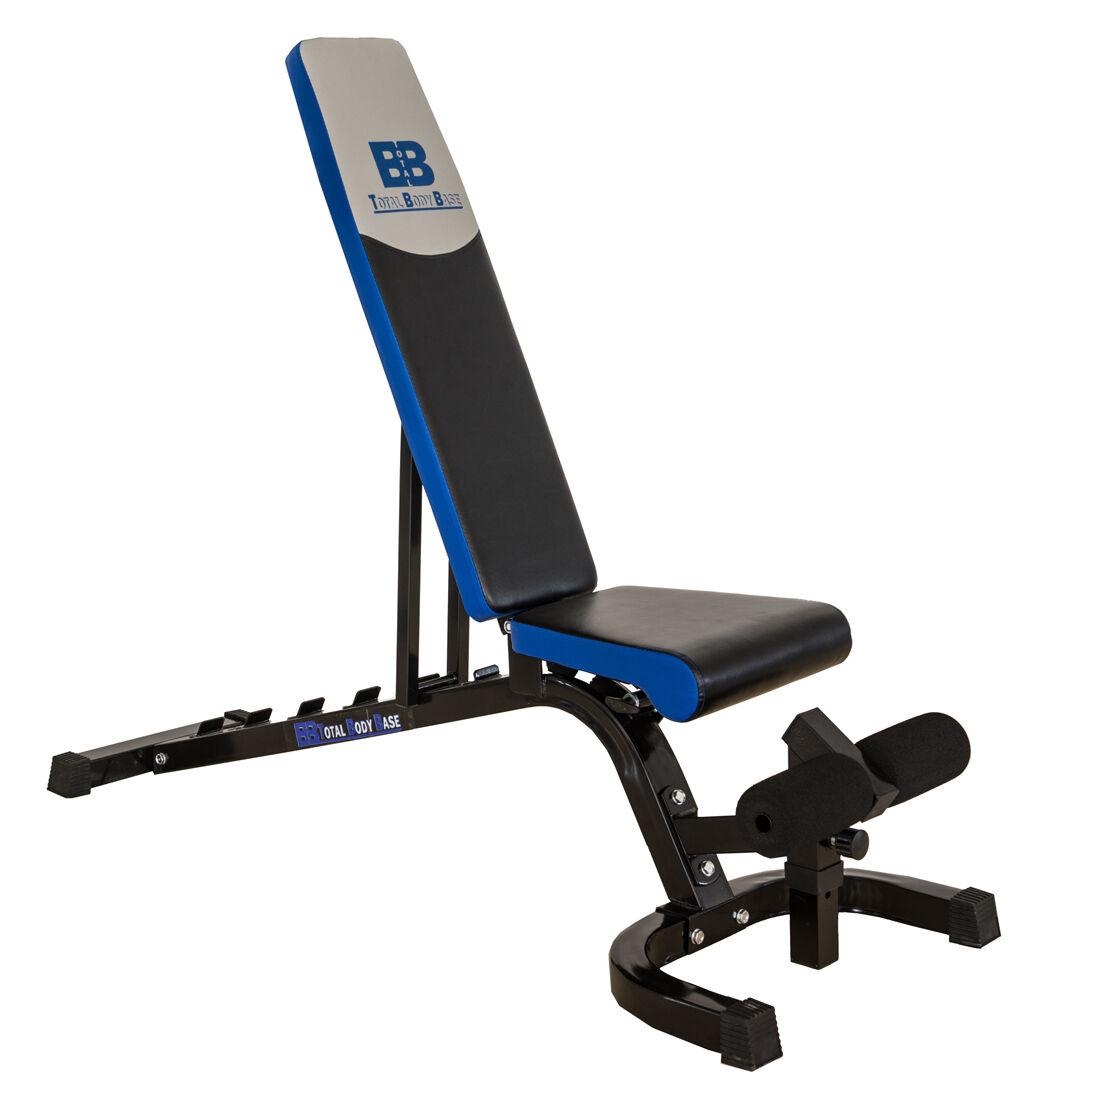 Base corporal total Ajustable Peso Bench Incline plana rechazar elevación FID utilidad